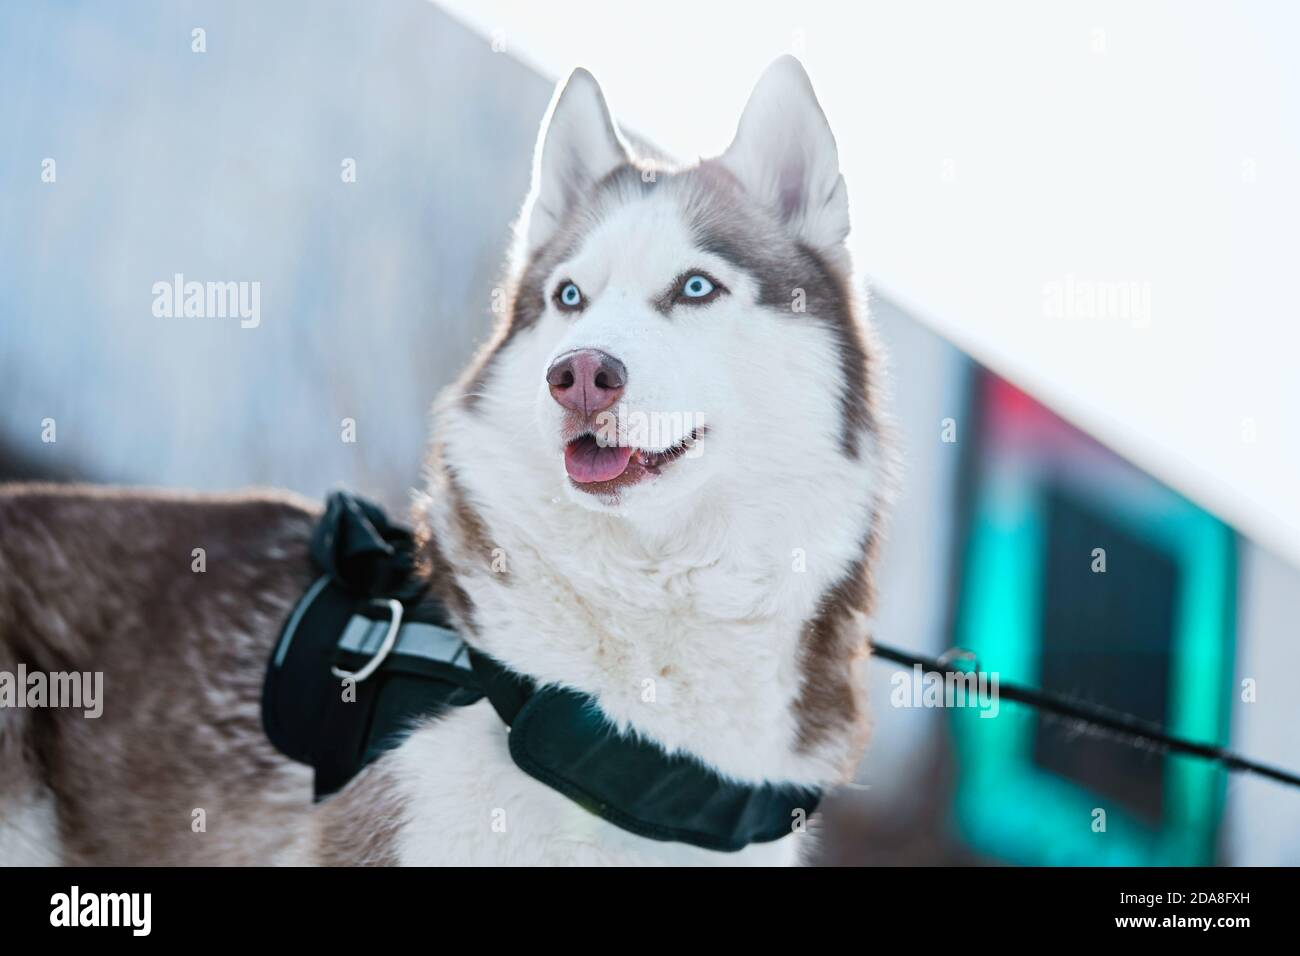 Magnifique chien Husky avec les yeux bleus à pied dans un parc contemporain moderne le jour de l'hiver. La vie après le refuge. Banque D'Images